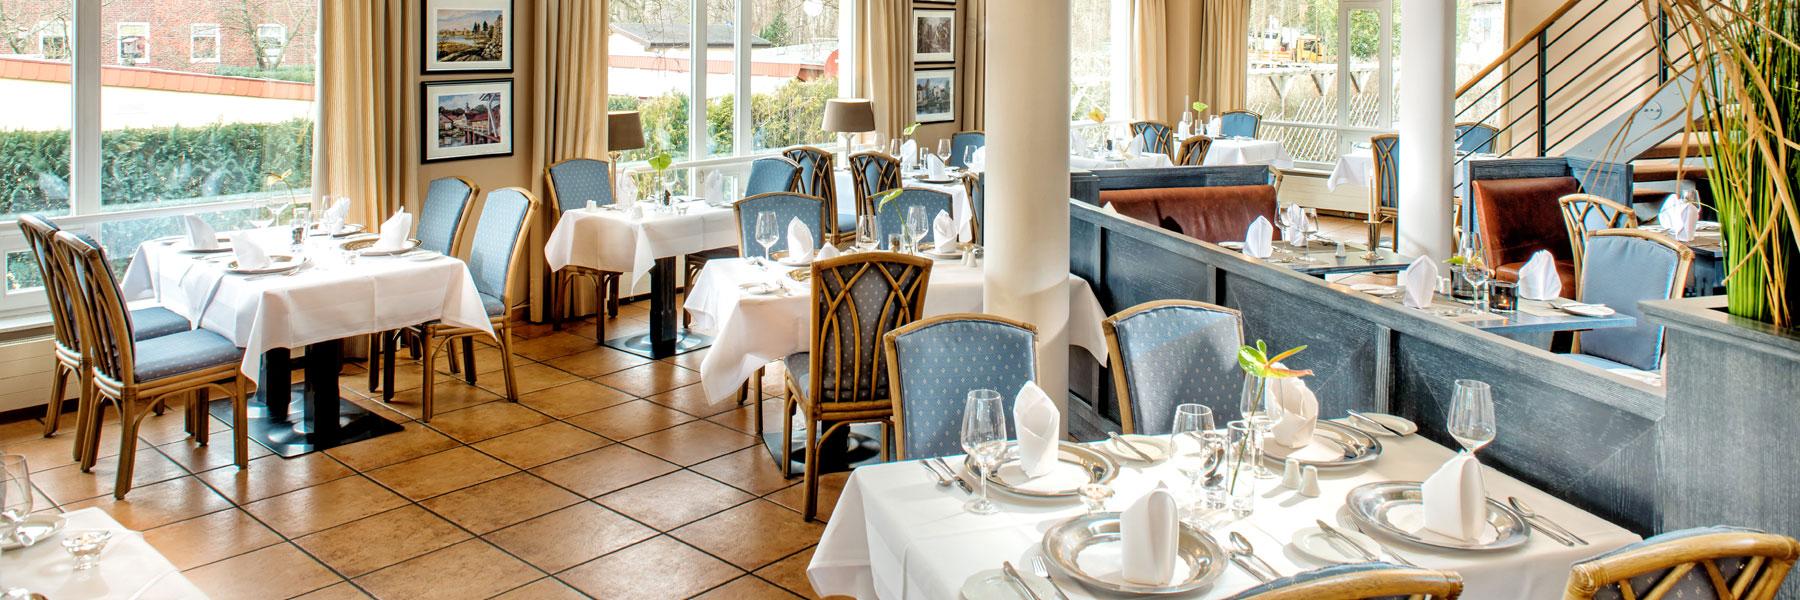 Restaurant - Hotel Godewind